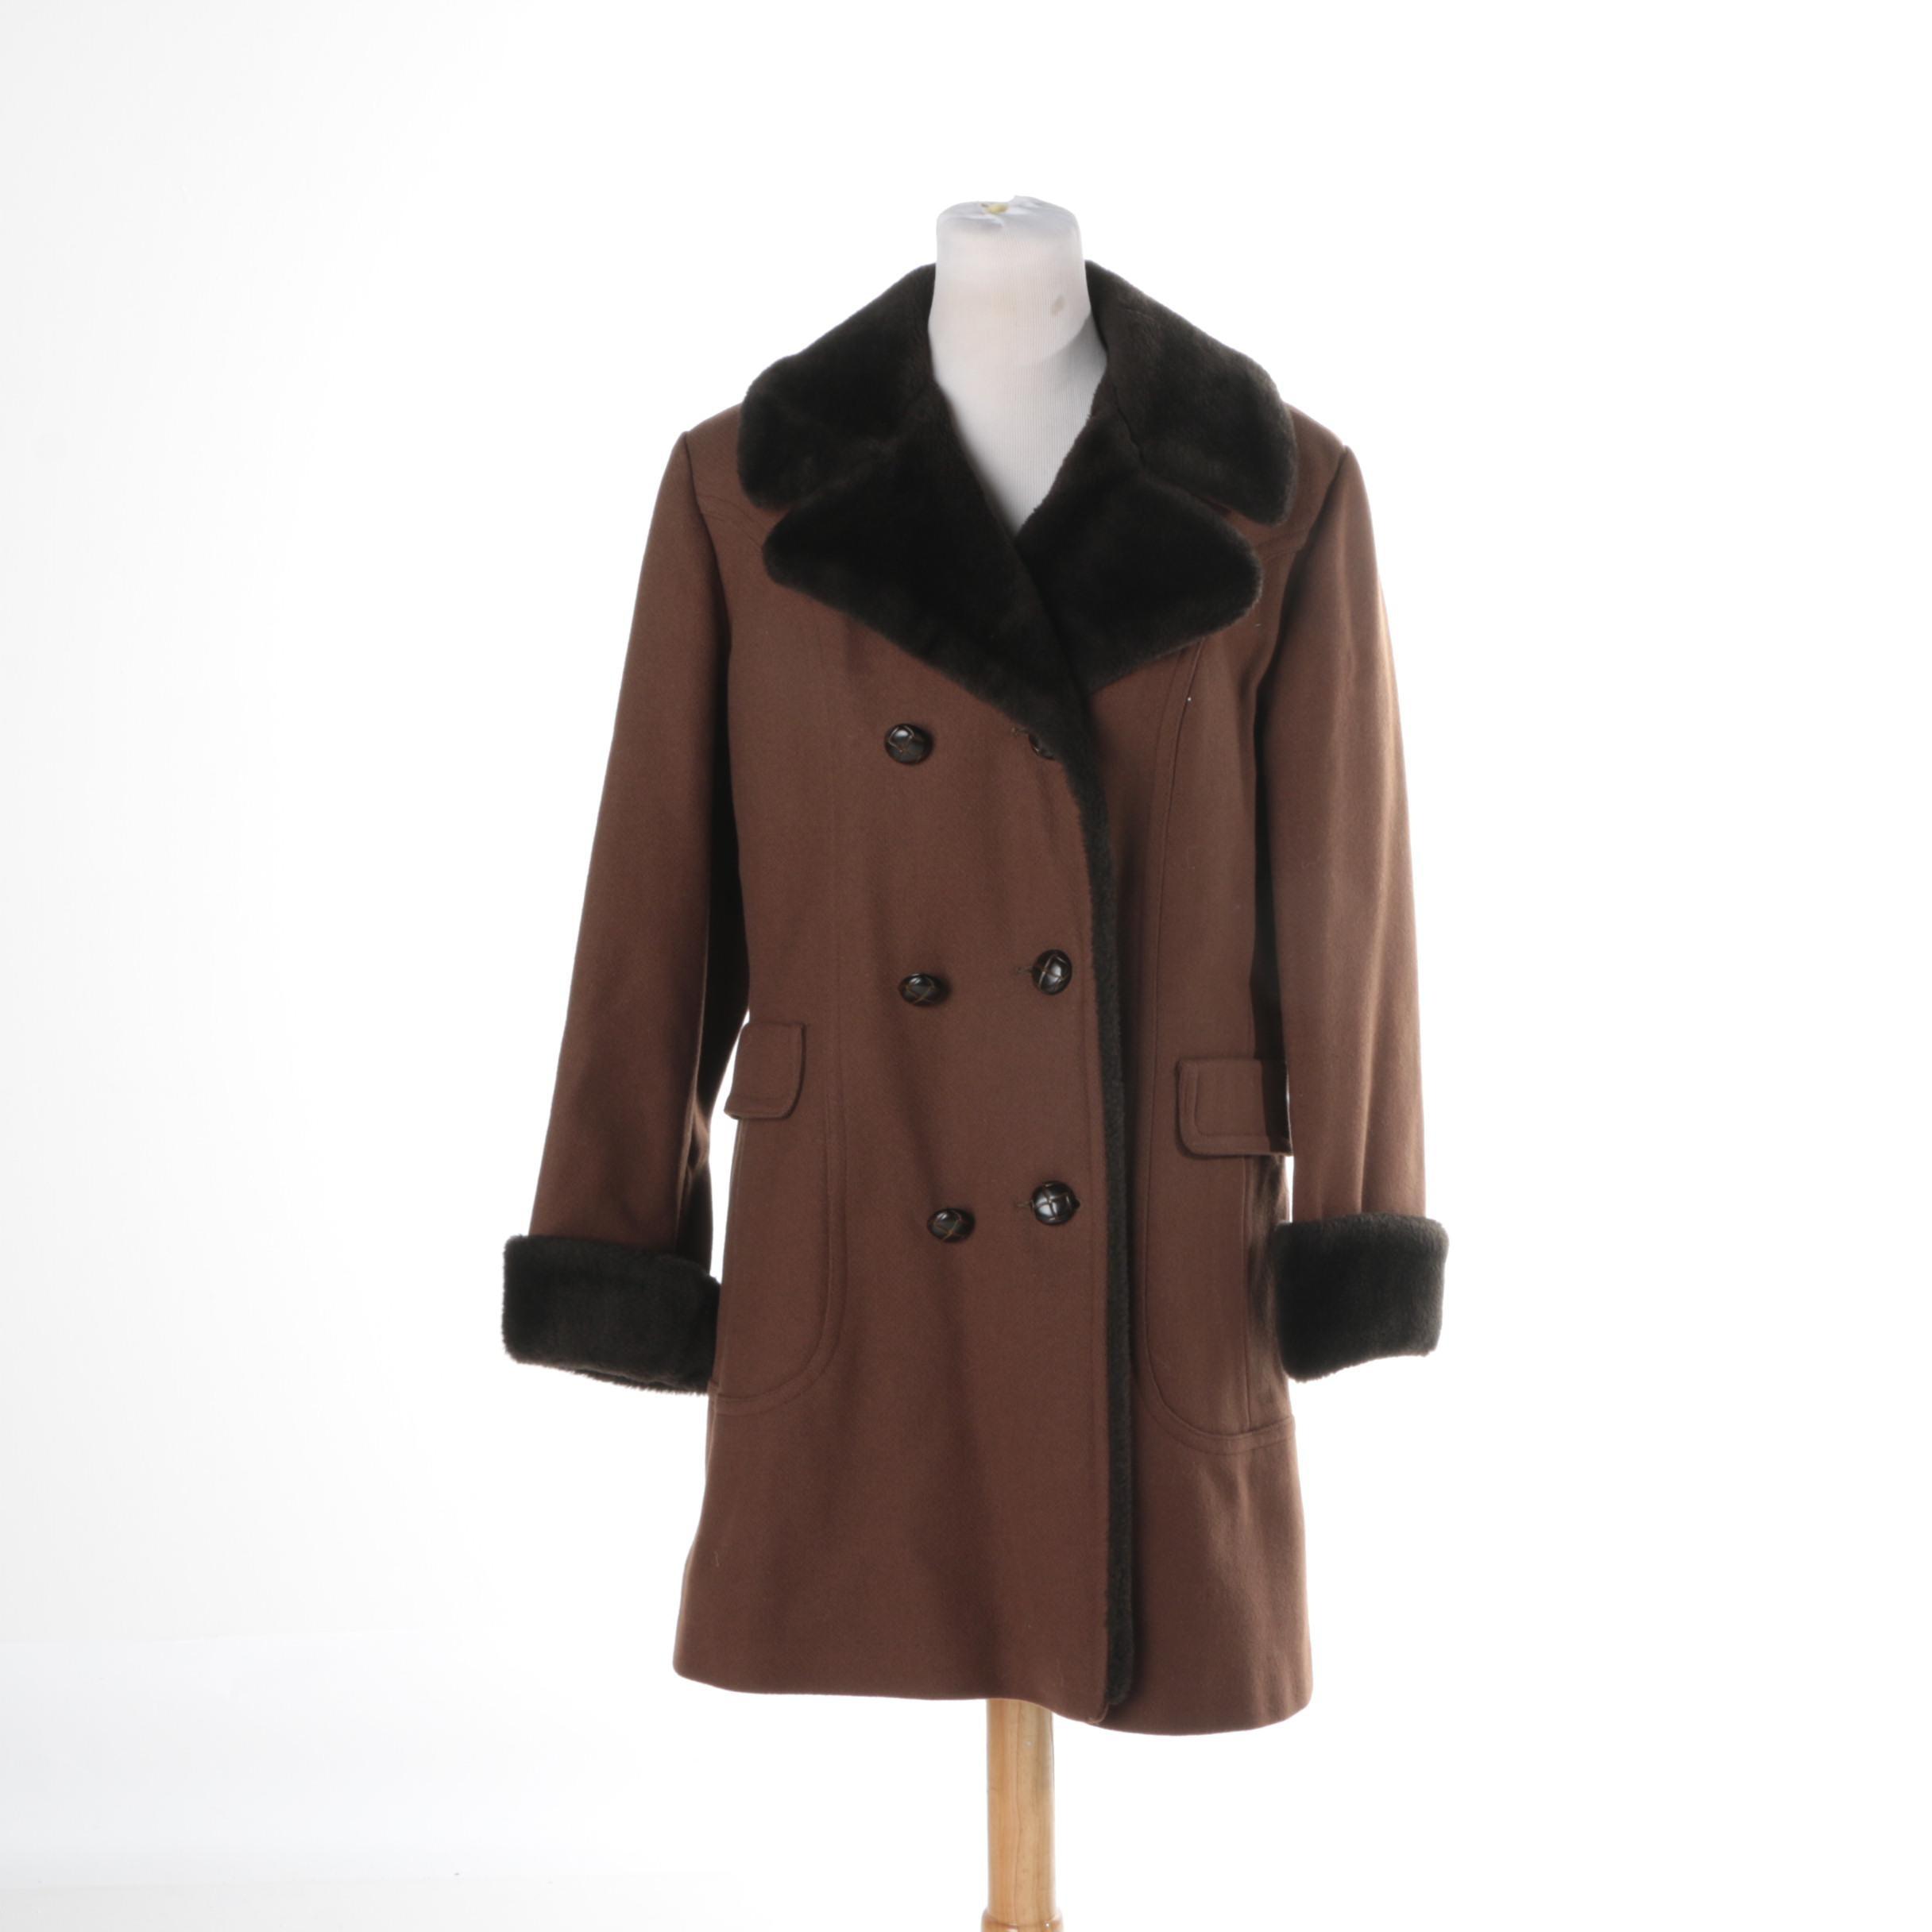 Women's Brown Wool Coat